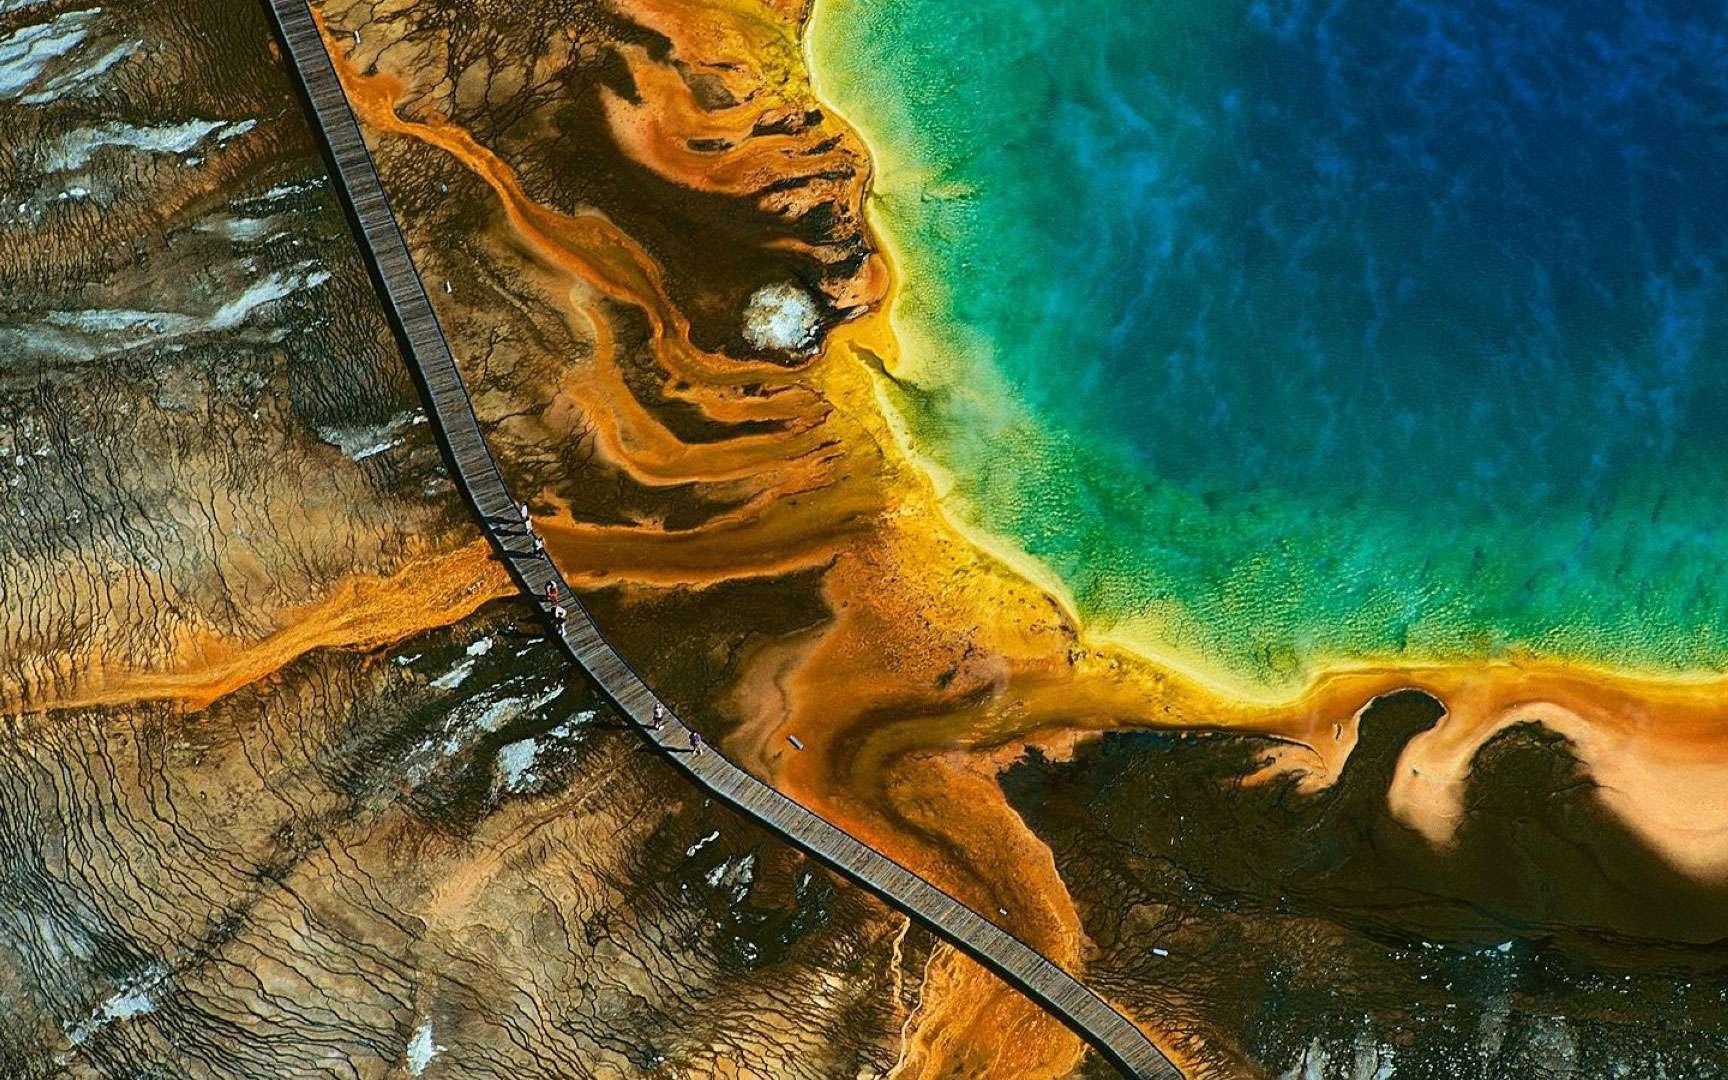 Etats Unis - Parc de Yellowstone. Etats Unis : Geyser du grand prismatic, parc national de Yellowstone, Wyoming - Situé sur un plateau volcanique qui chevauche les États du Montana, de l'Idaho et du Wyoming, Yellowstone est le plus ancien parc national du monde. Créé en 1872, il s'étend sur 9 000 km2 et présente la plus grande concentration de sites géothermiques du globe, avec plus de 10 000 geysers, fumerolles et sources chaudes. D'un diamètre de 112 m, le Grand Prismatic Spring est le bassin thermal le plus vaste du parc, et le troisième au monde par sa taille. Le spectre de couleurs qui lui a valu son nom est dû à la présence d'algues microscopiques dont la croissance dans l'eau chaude, au cœur de la vasque, diffère de celle de la périphérie où la température est moins élevée. Réserve de Biosphère depuis 1976, inscrit sur la Liste du patrimoine mondial de l'Unesco en 1978, le parc national de Yellowstone reçoit en moyenne 3 millions de visiteurs chaque année. Le continent nord-américain, où sont situés les cinq sites naturels les plus fréquentés du monde, accueille annuellement plus de 70 millions de touristes (1/10 du tourisme mondial), qui lui apportent 1/5 des recettes mondiales de l'activité touristique. © Photo Yann Arthus-Bertrand - Tous droits réservés http://www.yannarthusbertrand.com/index_new.htm